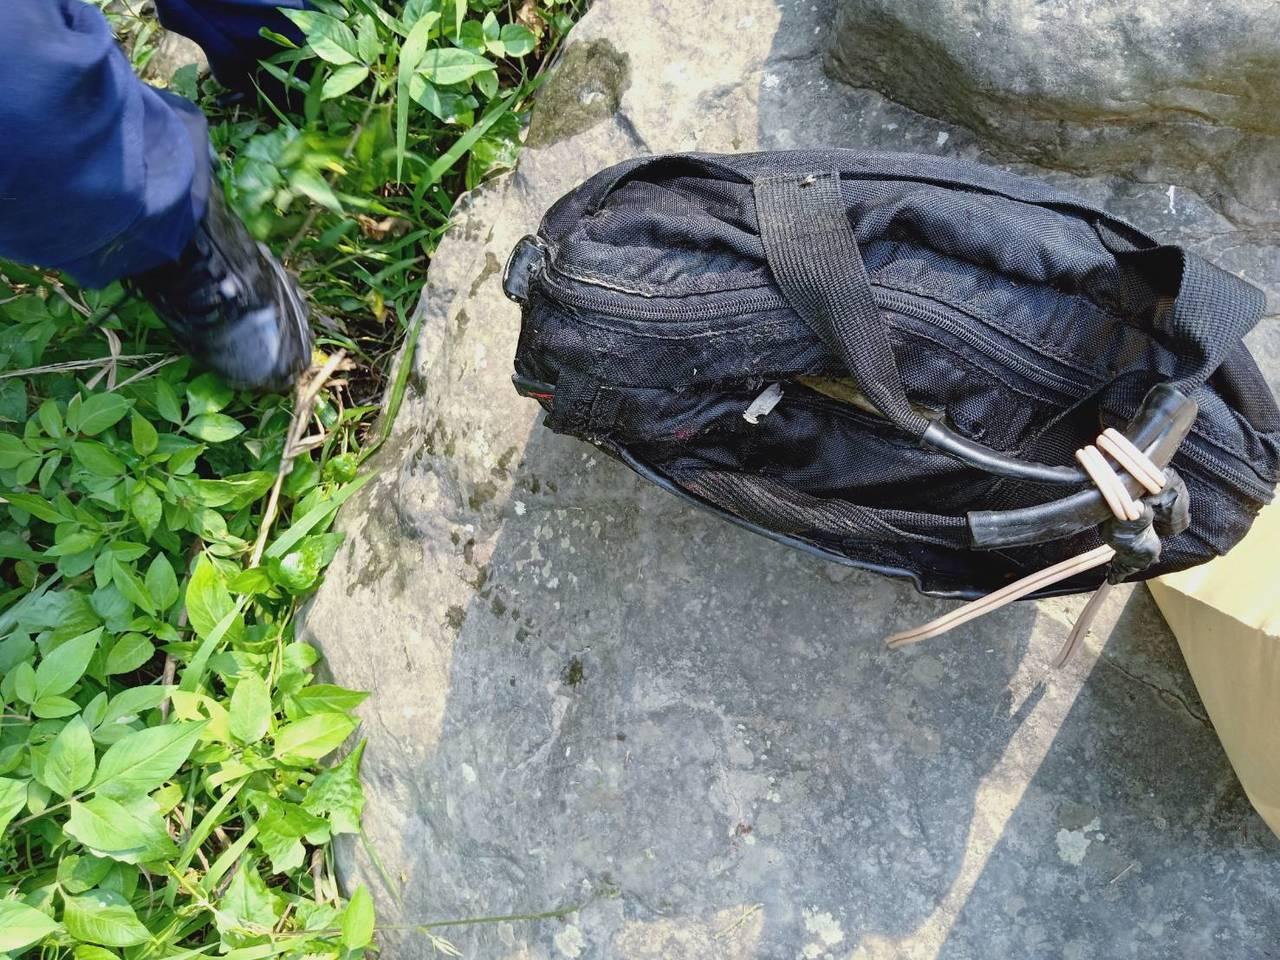 警方發現,吳姓男子腳部縛以裝有石頭的旅行袋。圖/警方提供